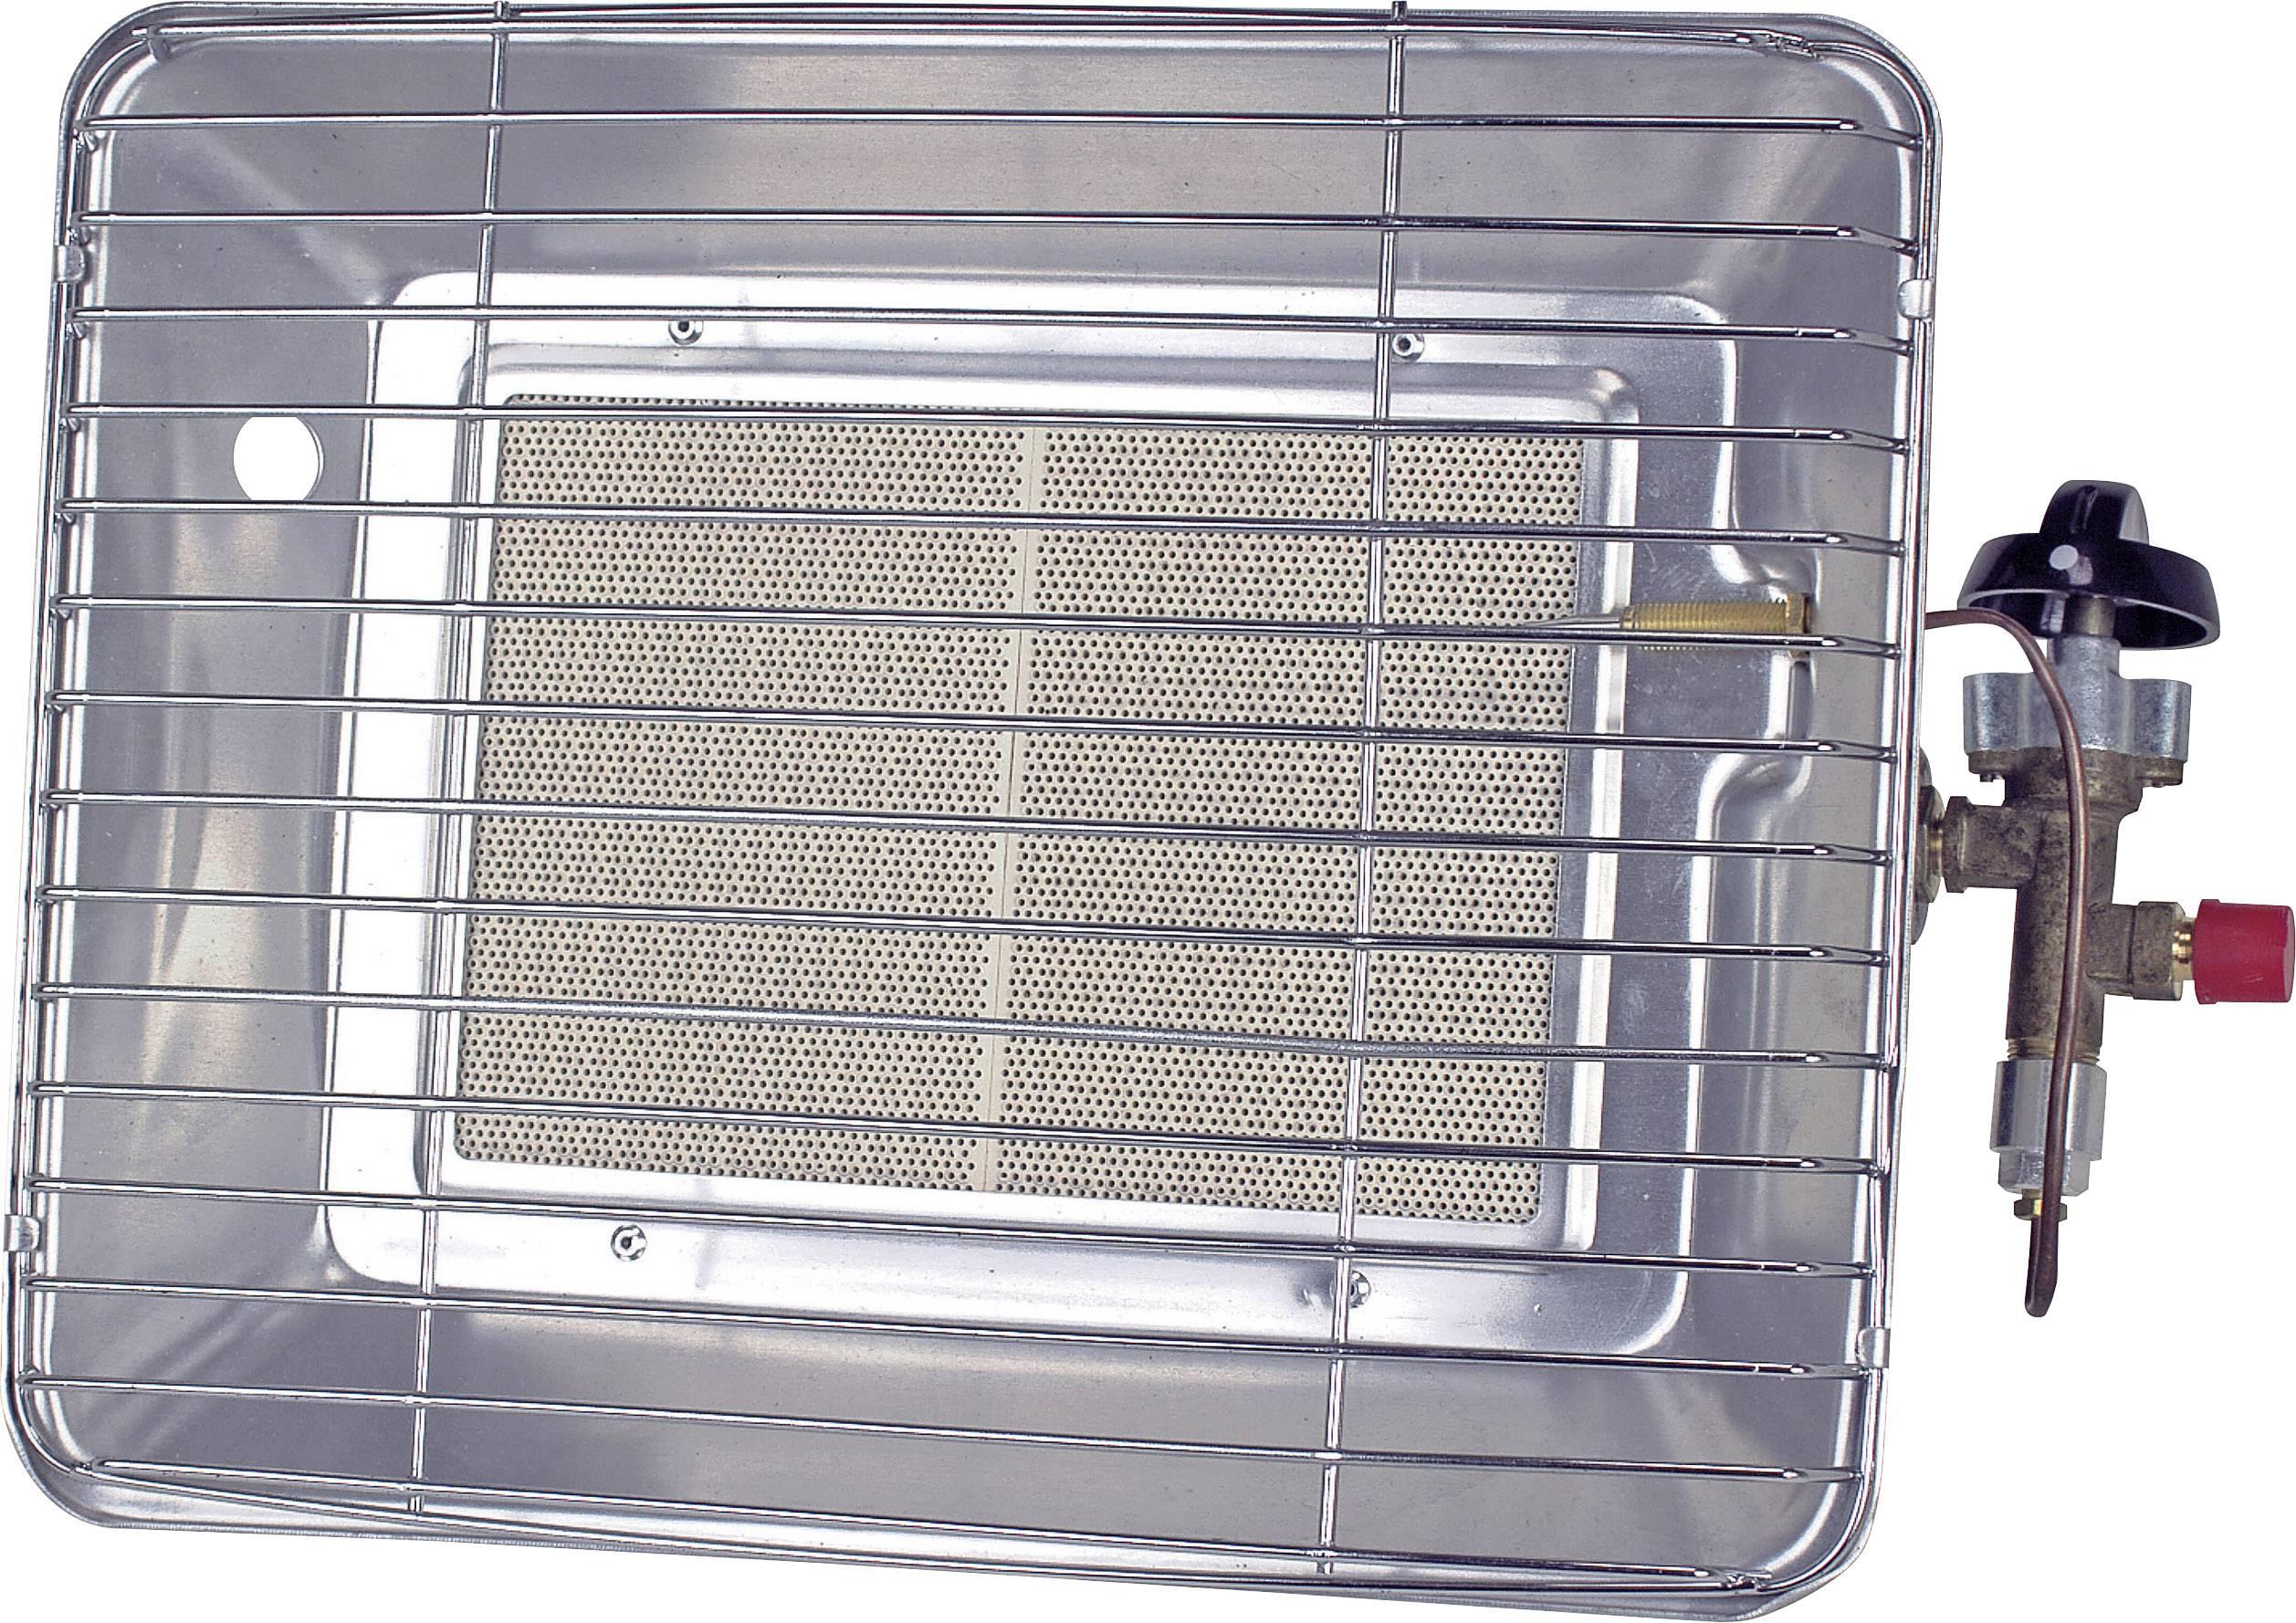 Terasový plynový zářič Rothenberger Industrial 35984, 4,2 kW